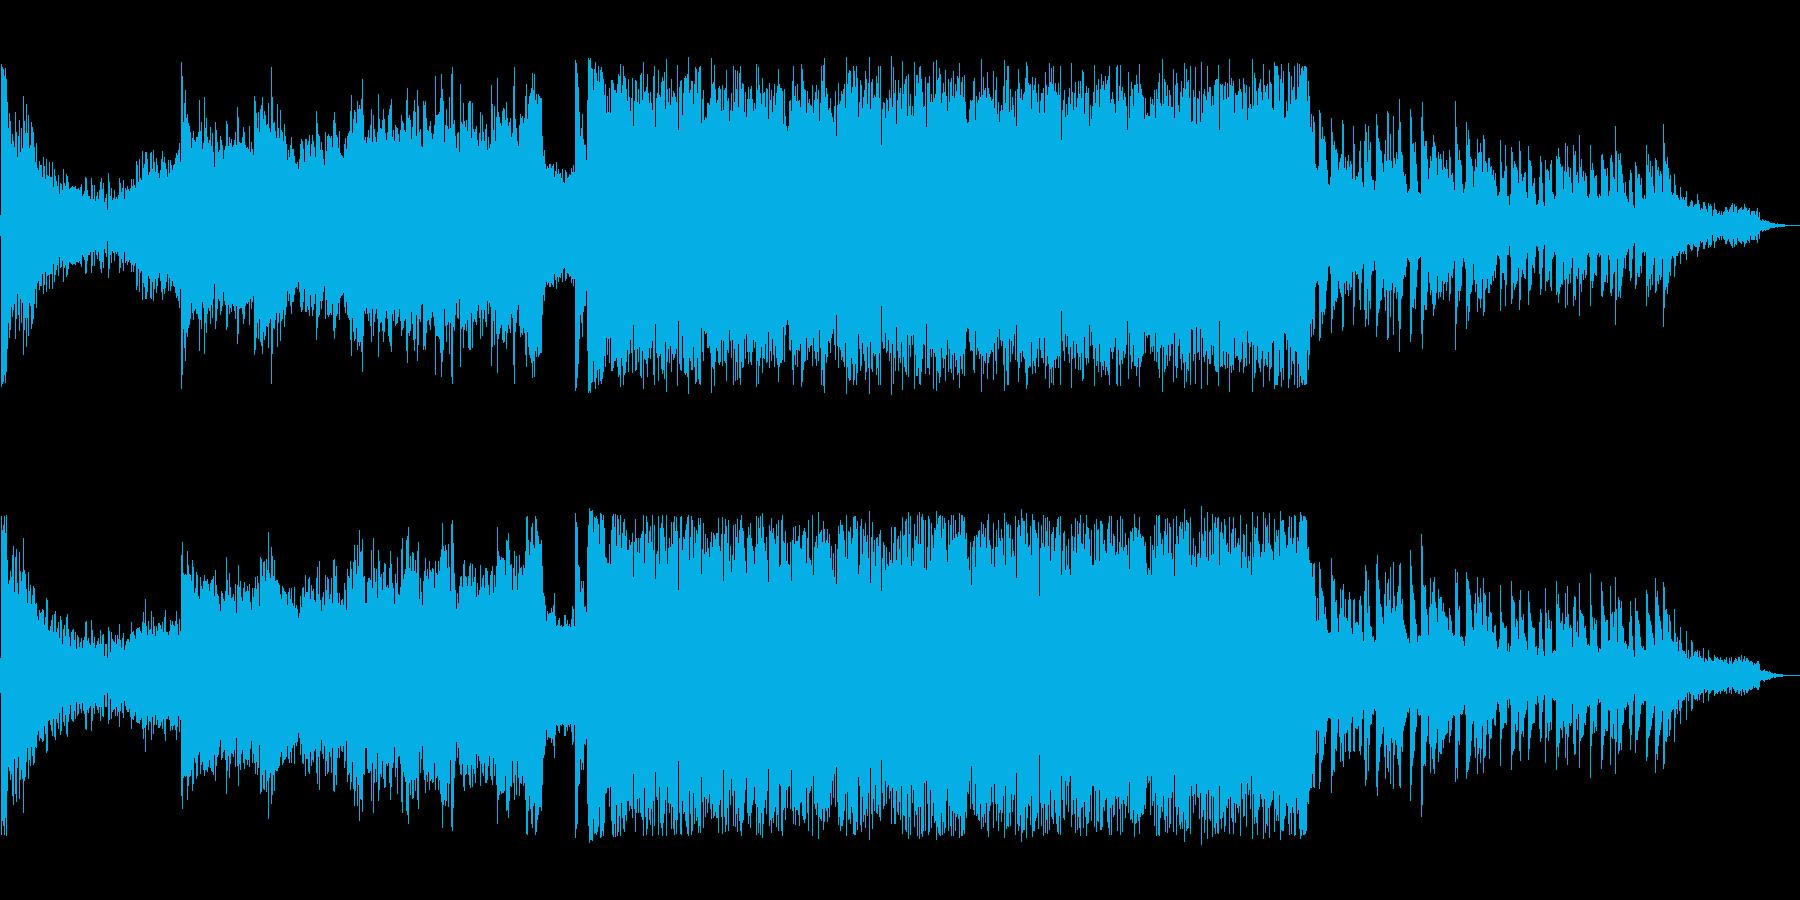 オープニングに合う疾走感のある曲の再生済みの波形